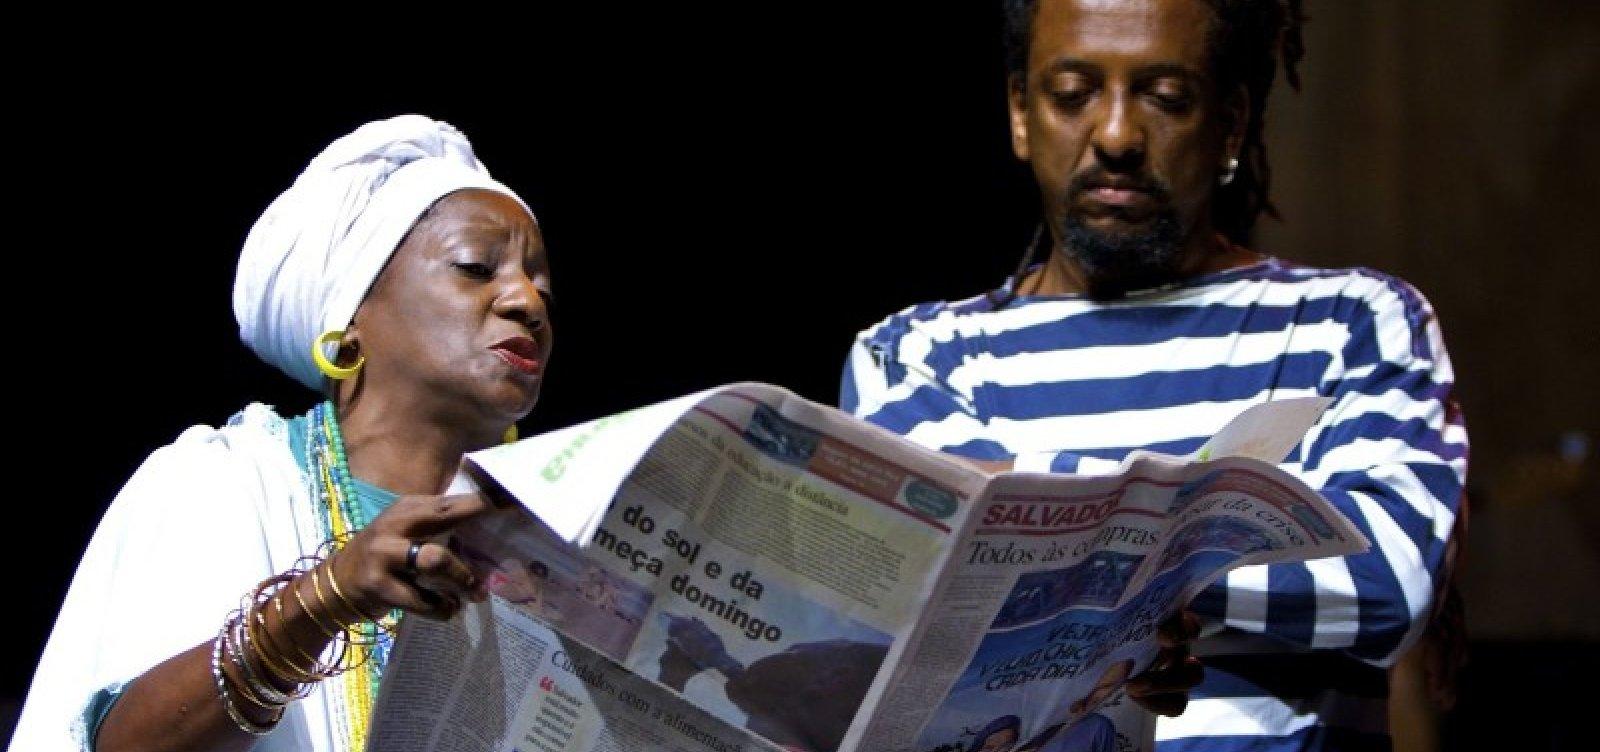 Bando de Teatro Olodum faz sua estreia no stand-up comedy em espetáculo virtual